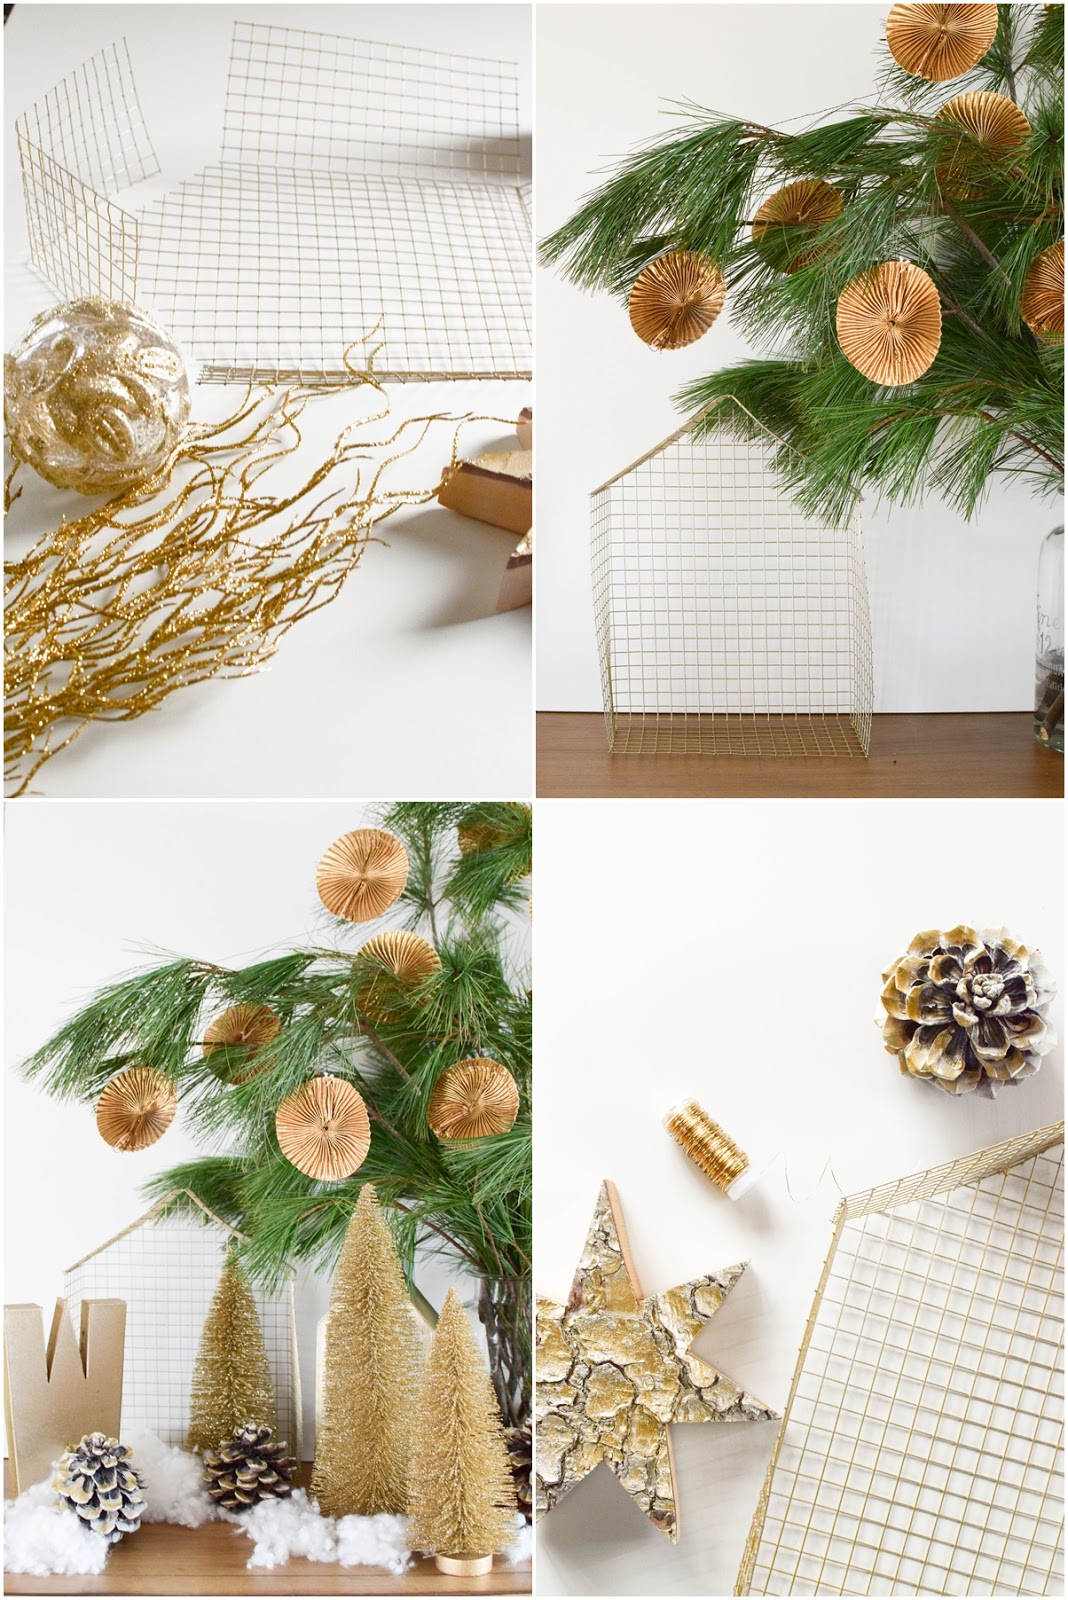 Dekoidee Weihachten: DIY Drahthaus mit Zapfen, Tannen, Weihnachtsbäumen und Kiefer, weihnachtlich Sideboard, Dekoration, Deko, Buch Naturliebe